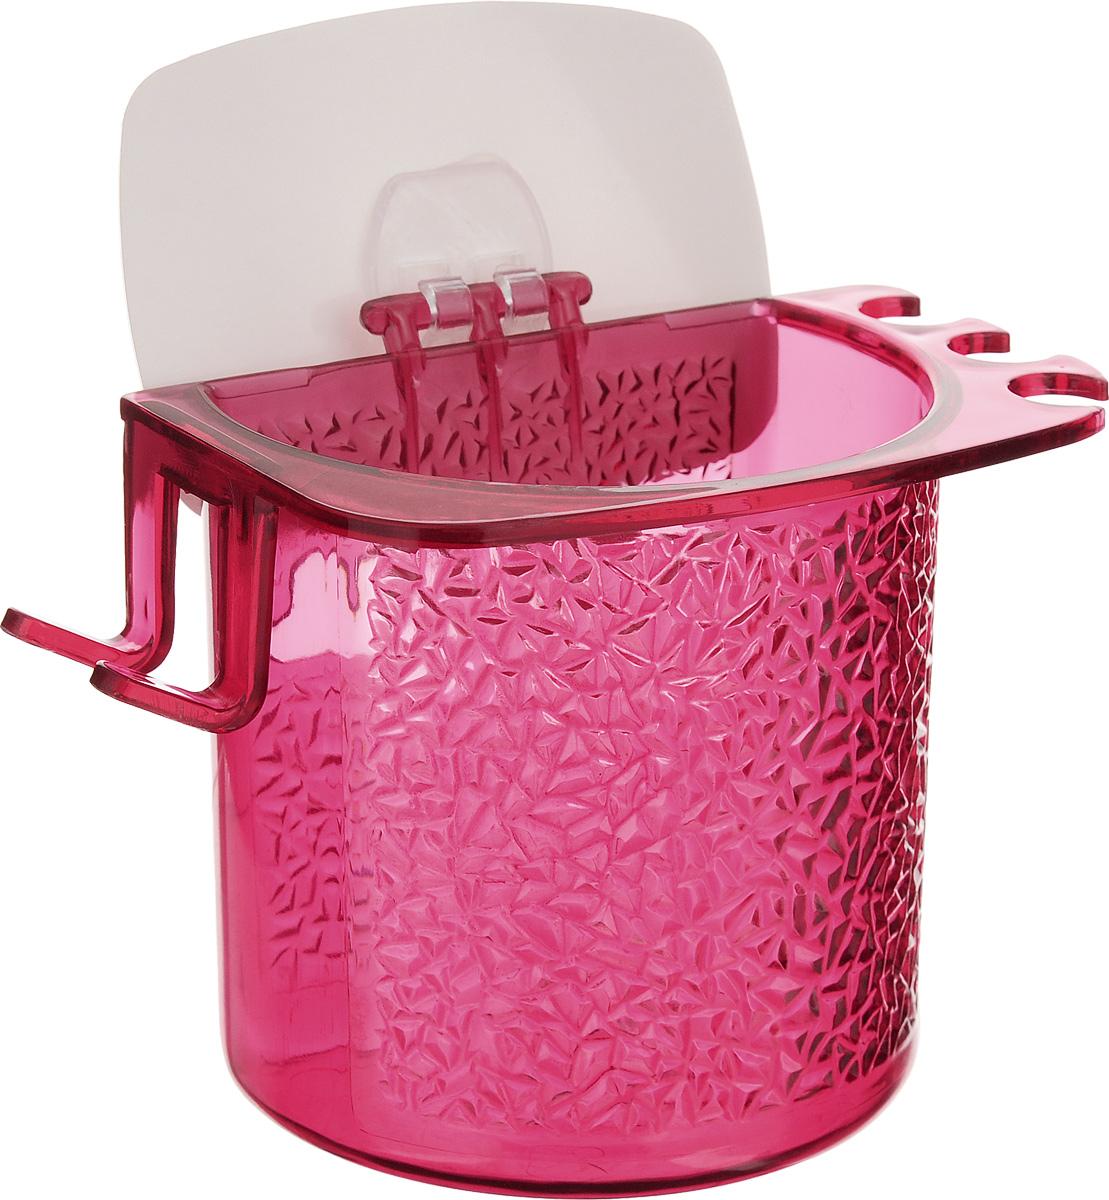 Стакан для ванной Fresh Code, на липкой основе, цвет: малиновый64945_малиновыйСтакан для ванной комнаты Fresh Code выполнен из ABS пластика. Крепление на липкой основе многократного использования идеально подходит для гладкой поверхности. С оборотной стороны изделие оснащено двумя отверстиями для удобного размещения на стене.В стакане удобно хранить зубные щетки, пасту и другие принадлежности. Аксессуары для ванной комнаты Fresh Code стильно украсят интерьер и добавят в обычную обстановку яркие и модные акценты. Стакан идеально подойдет к любому стилю ванной комнаты.